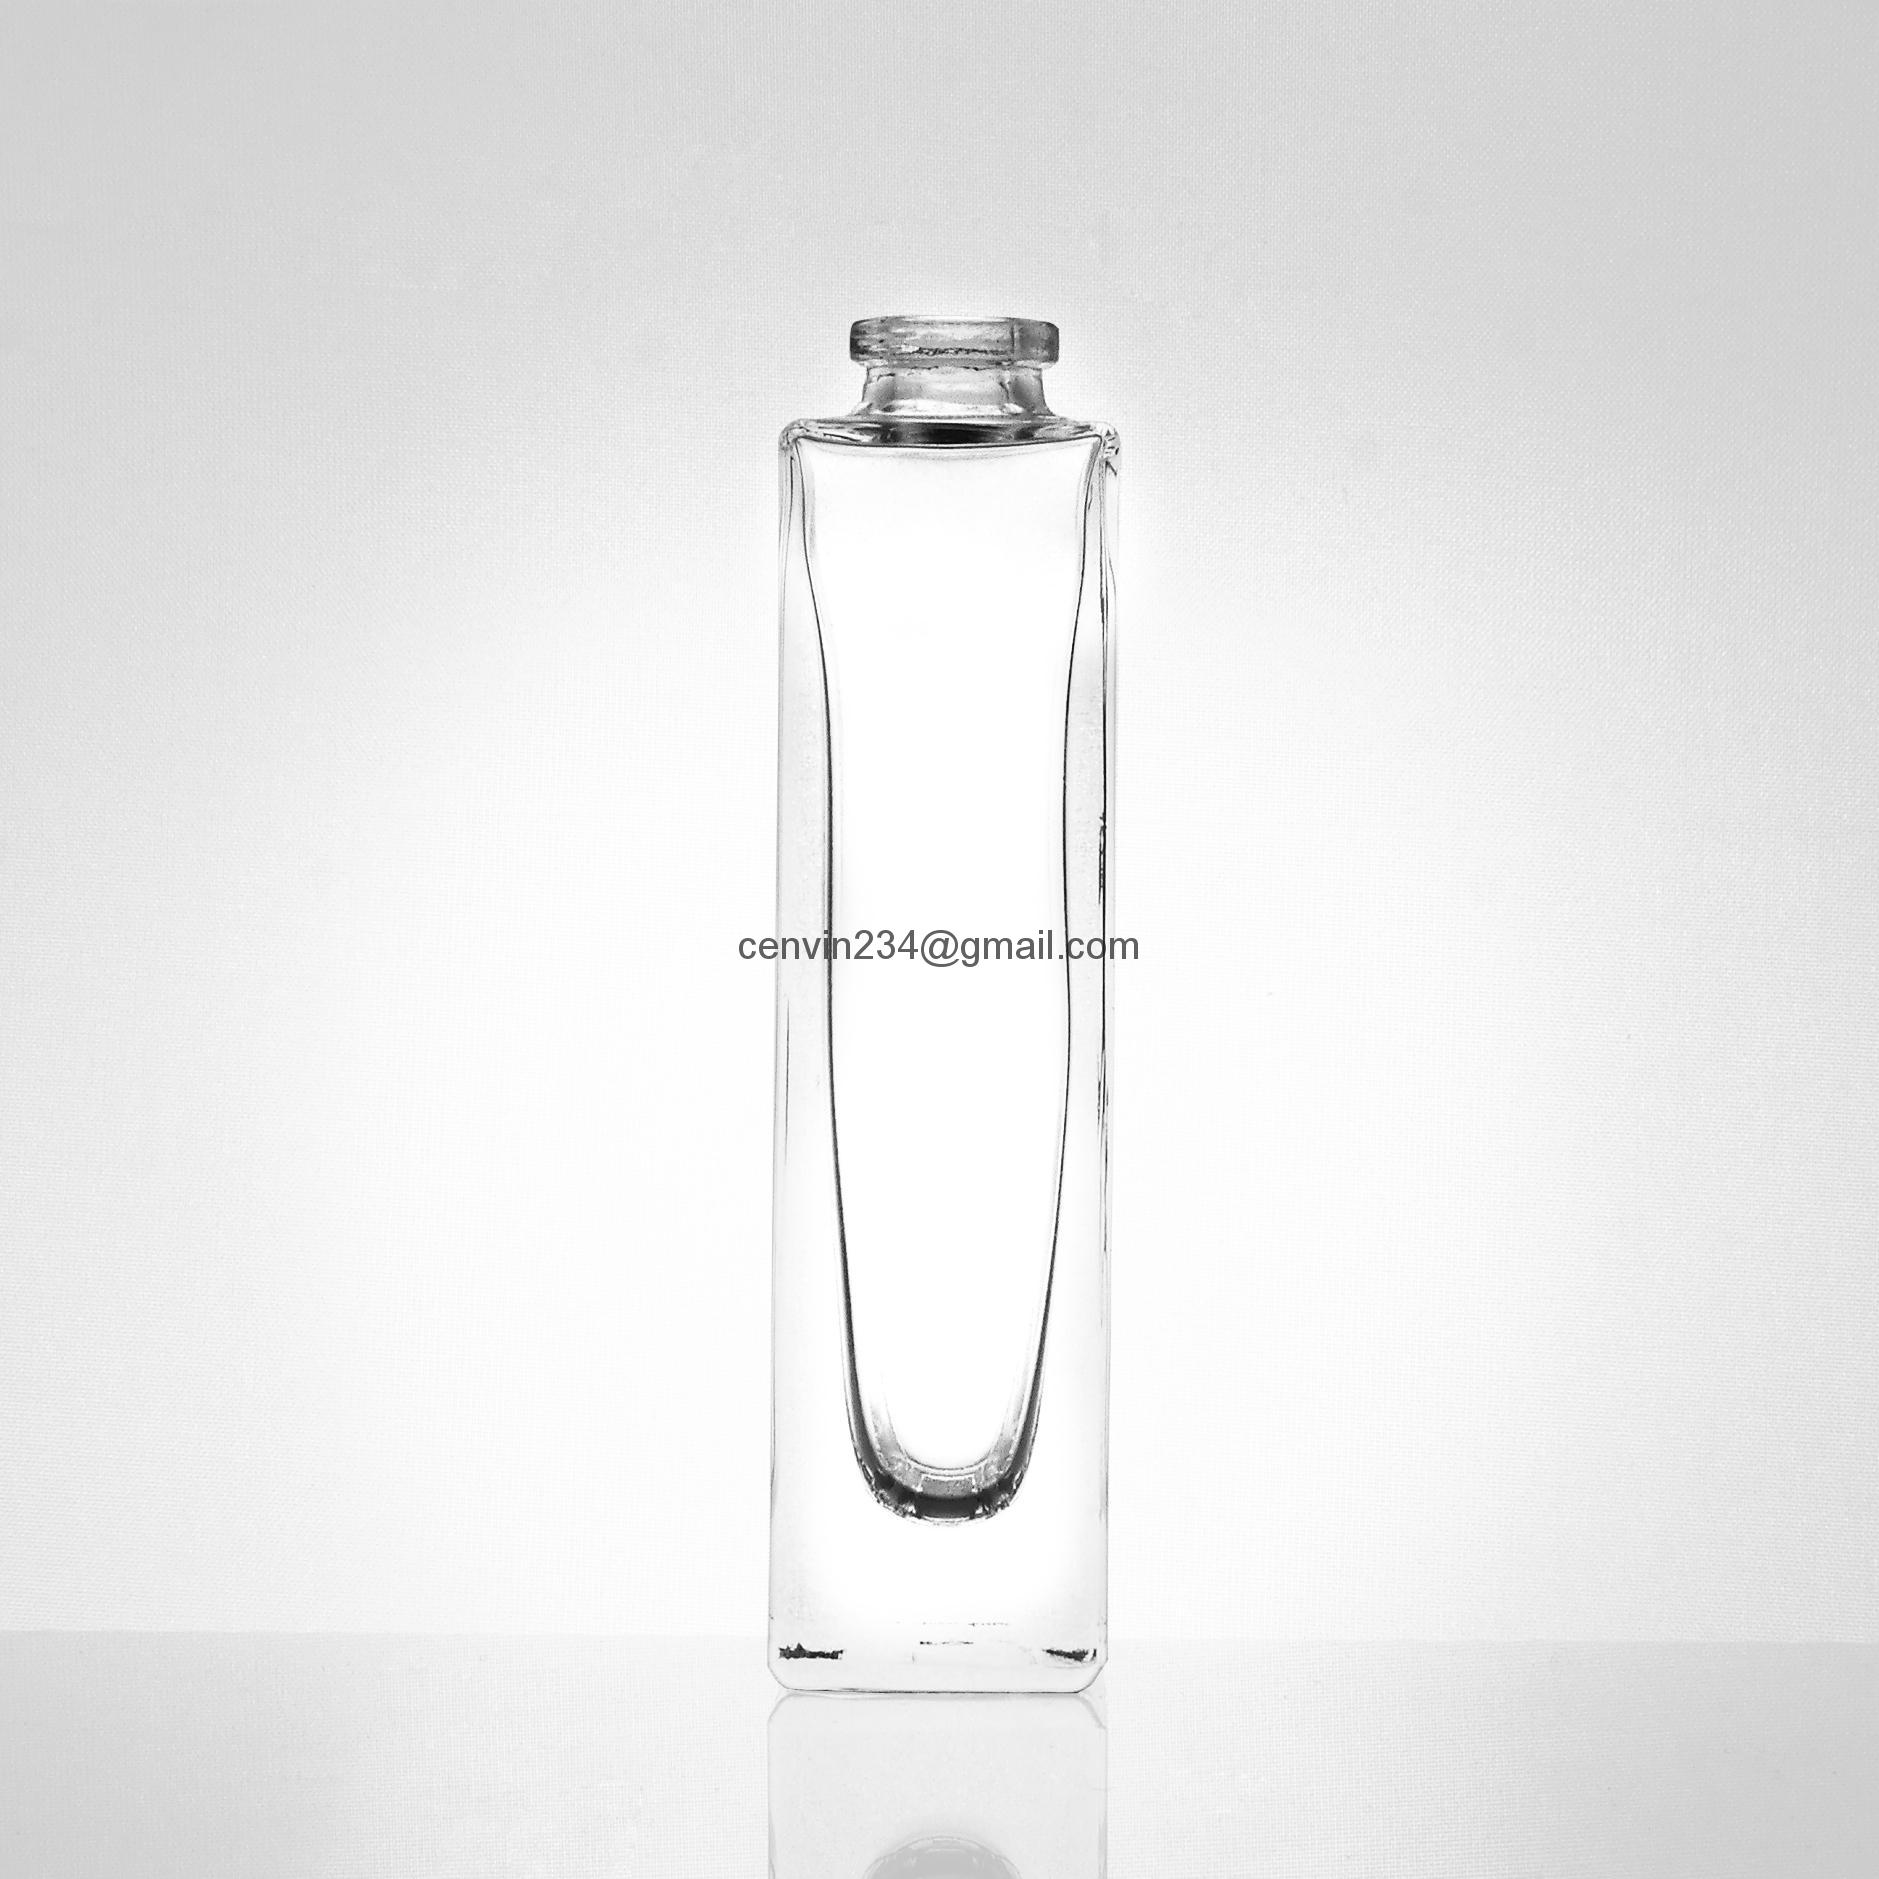 luxury perfume bottle smart collection perfume bottles  4